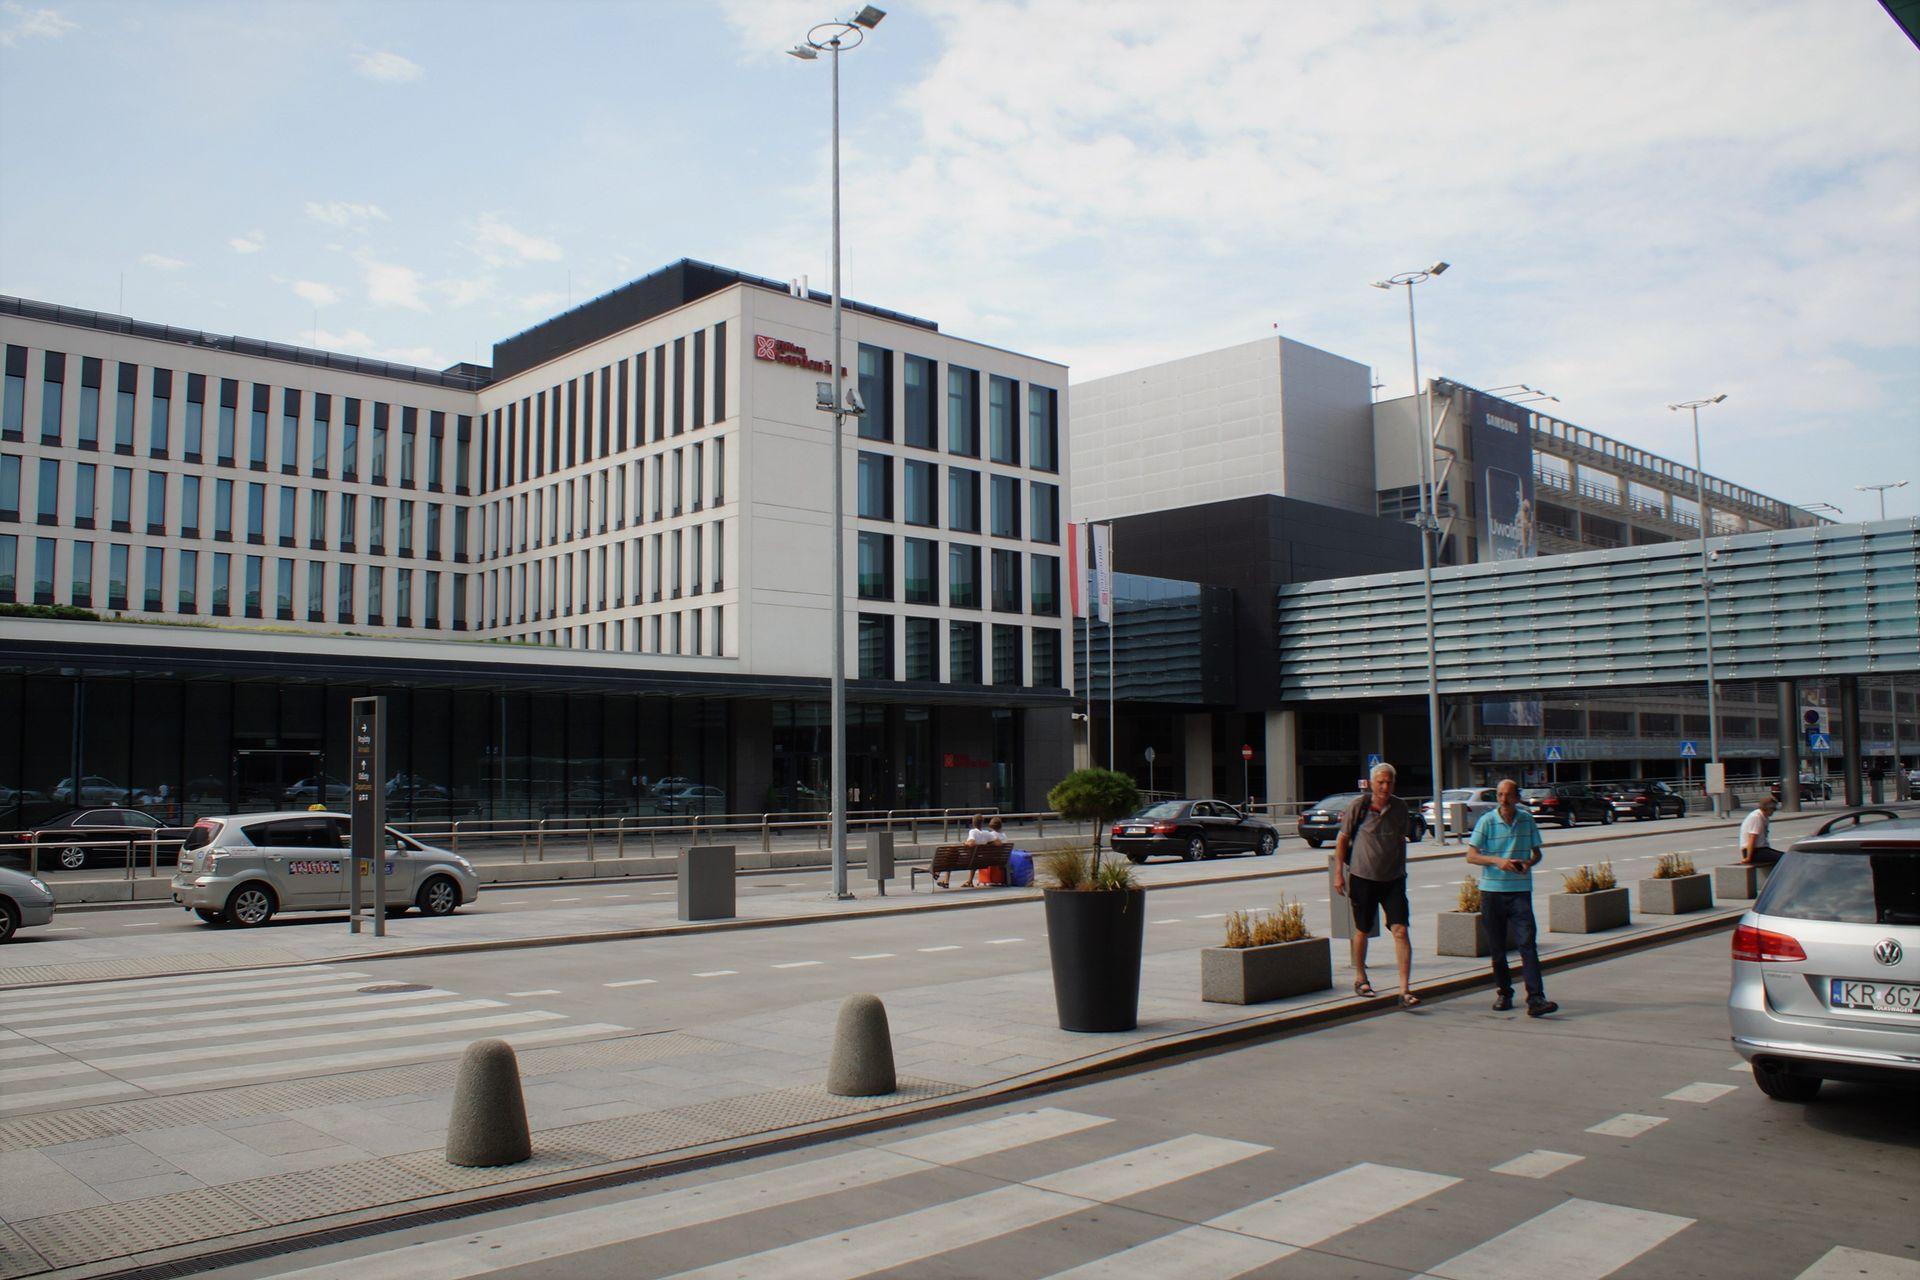 [Kraków] Nowa kładka oraz drugi hotel w Kraków Airport